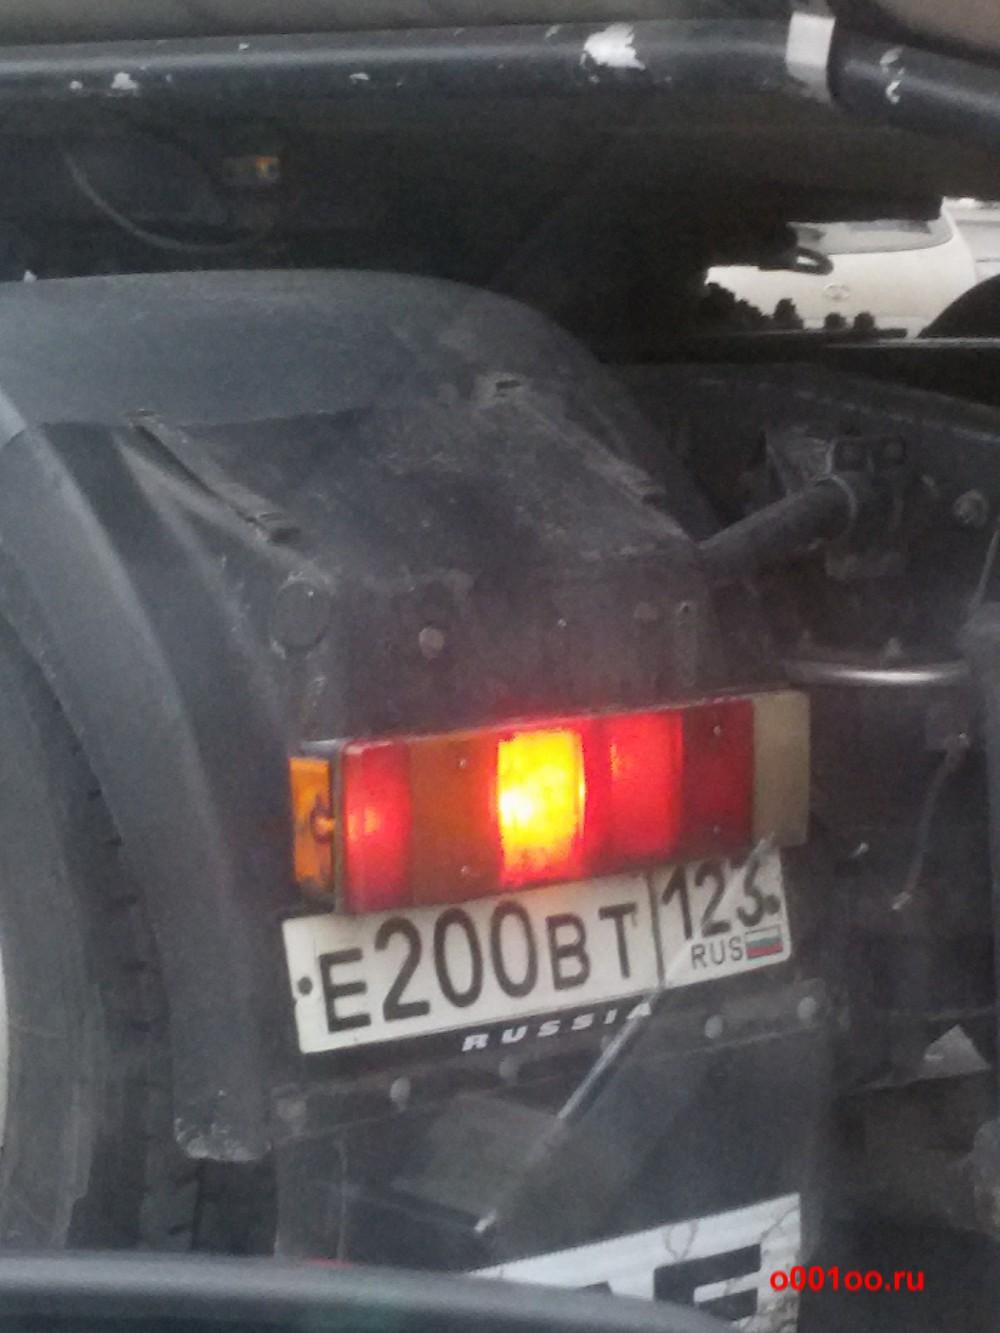 Е200вт123